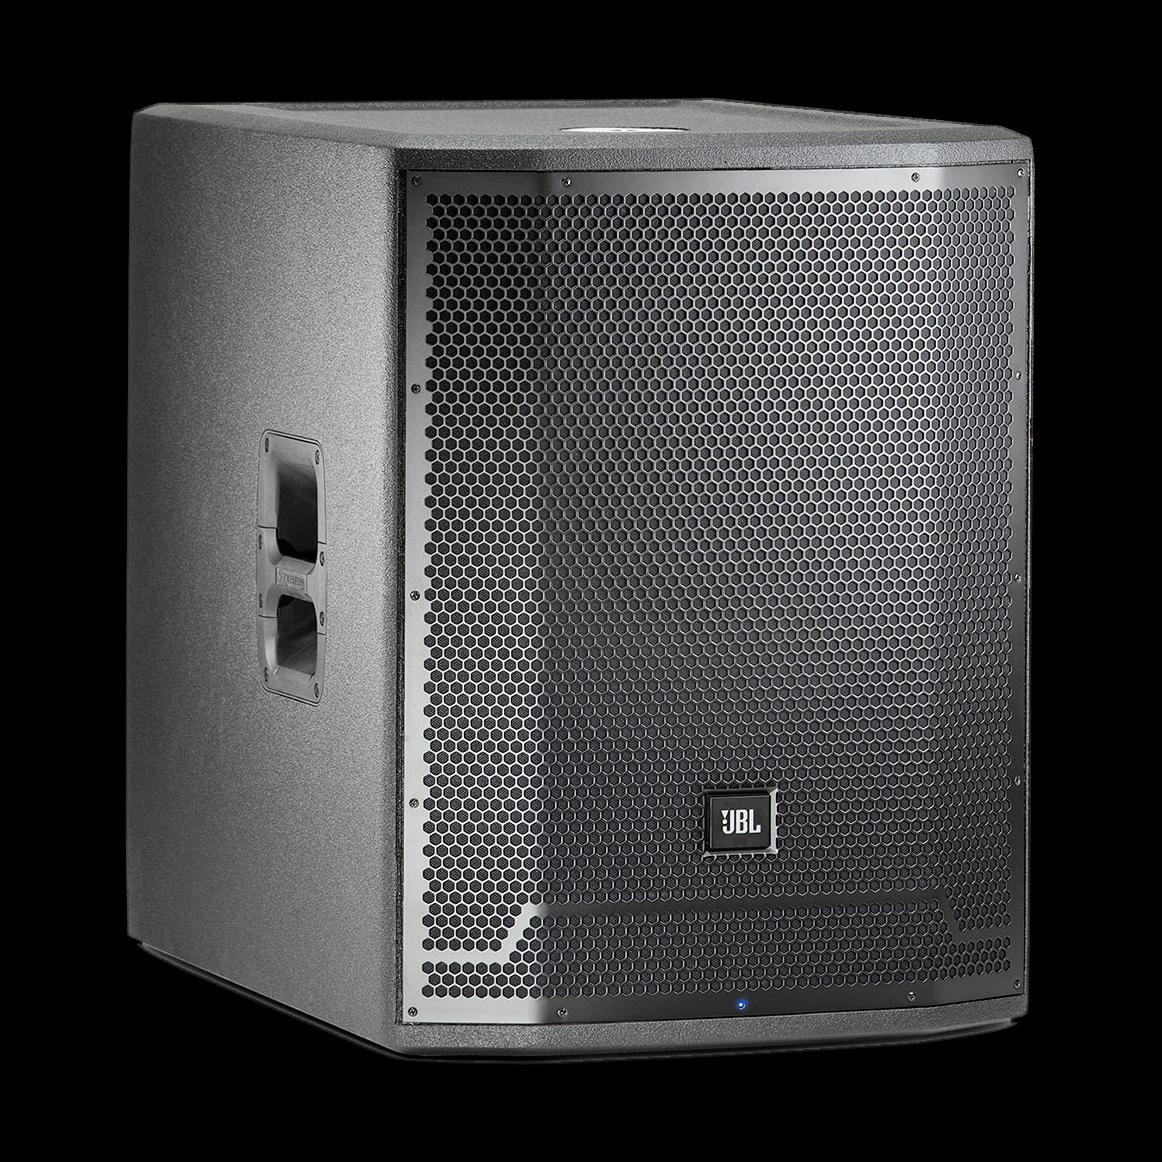 jbl prx700 prx718 s xlf grille boven luidsprekerhoes baseline